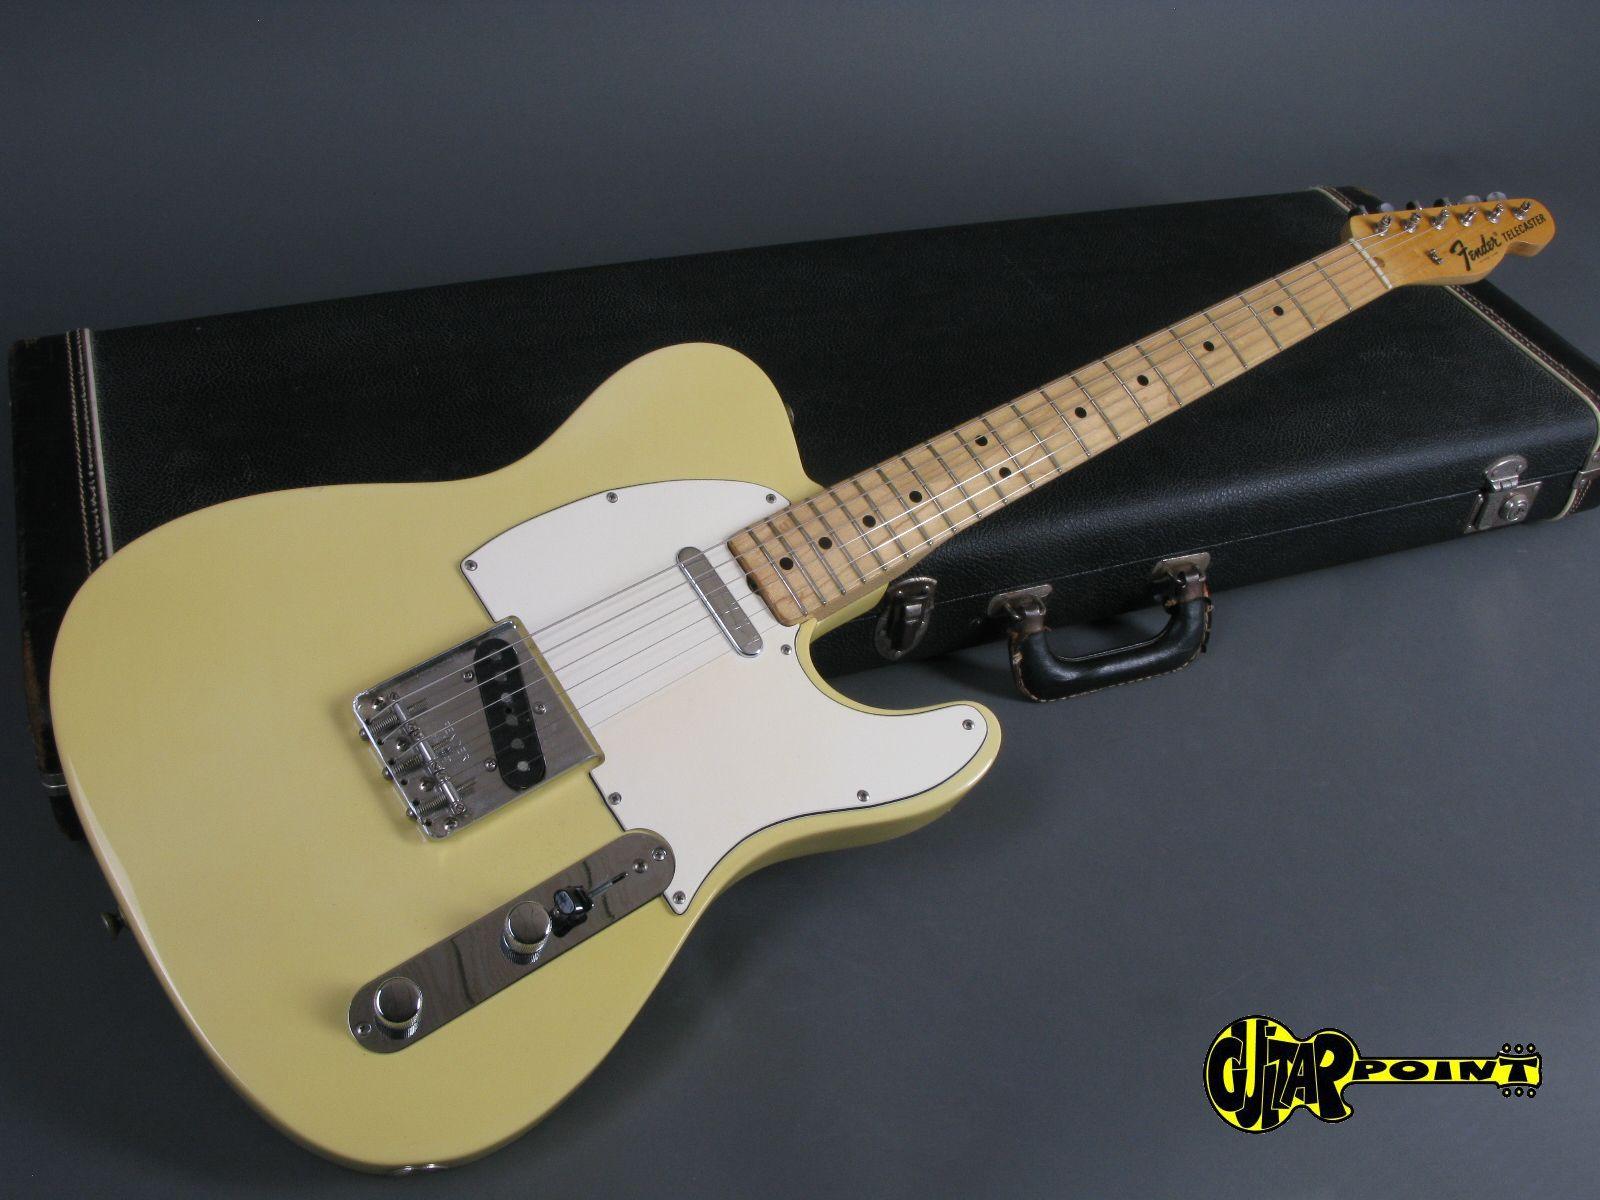 fender telecaster 1970 blond guitar for sale guitarpoint. Black Bedroom Furniture Sets. Home Design Ideas